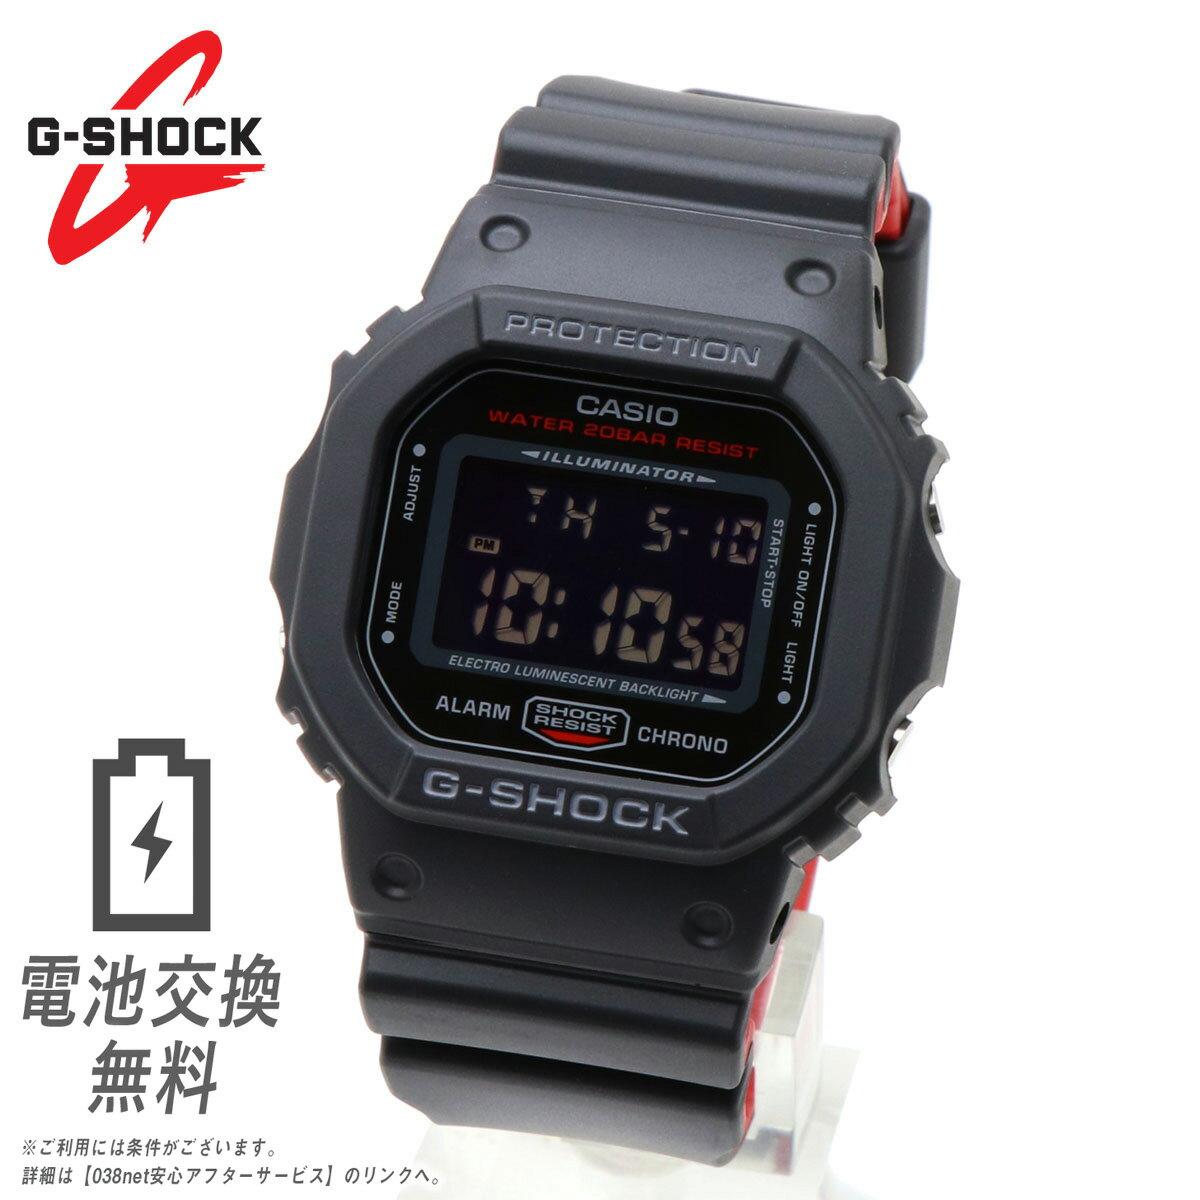 CASIO G-SHOCK Red watch OKCASIO G-SHOCK DW-5600H...